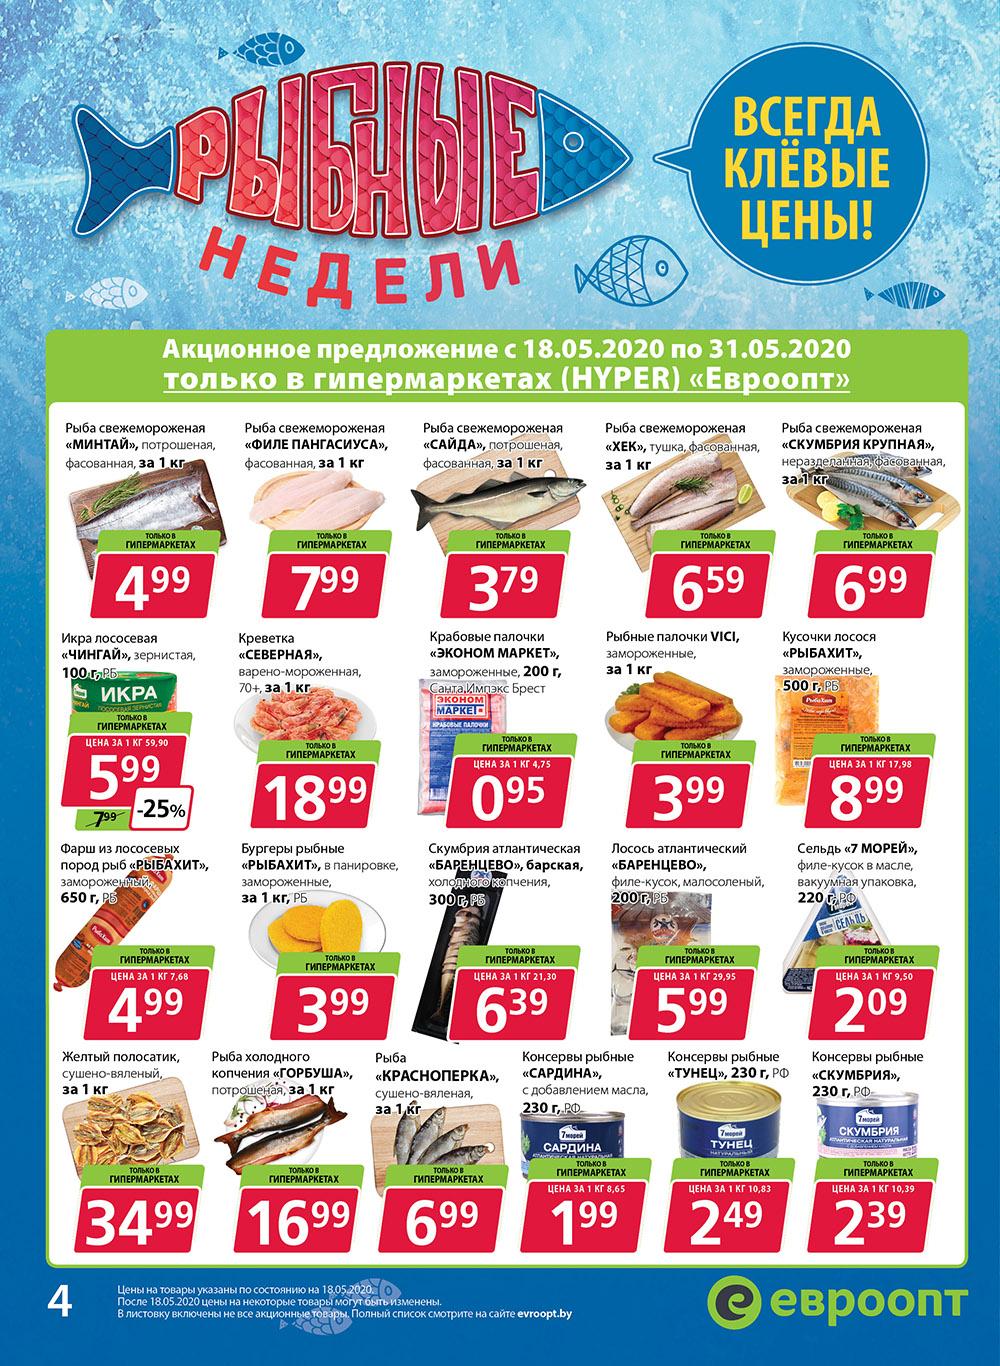 Рыбные недели в Евроопт